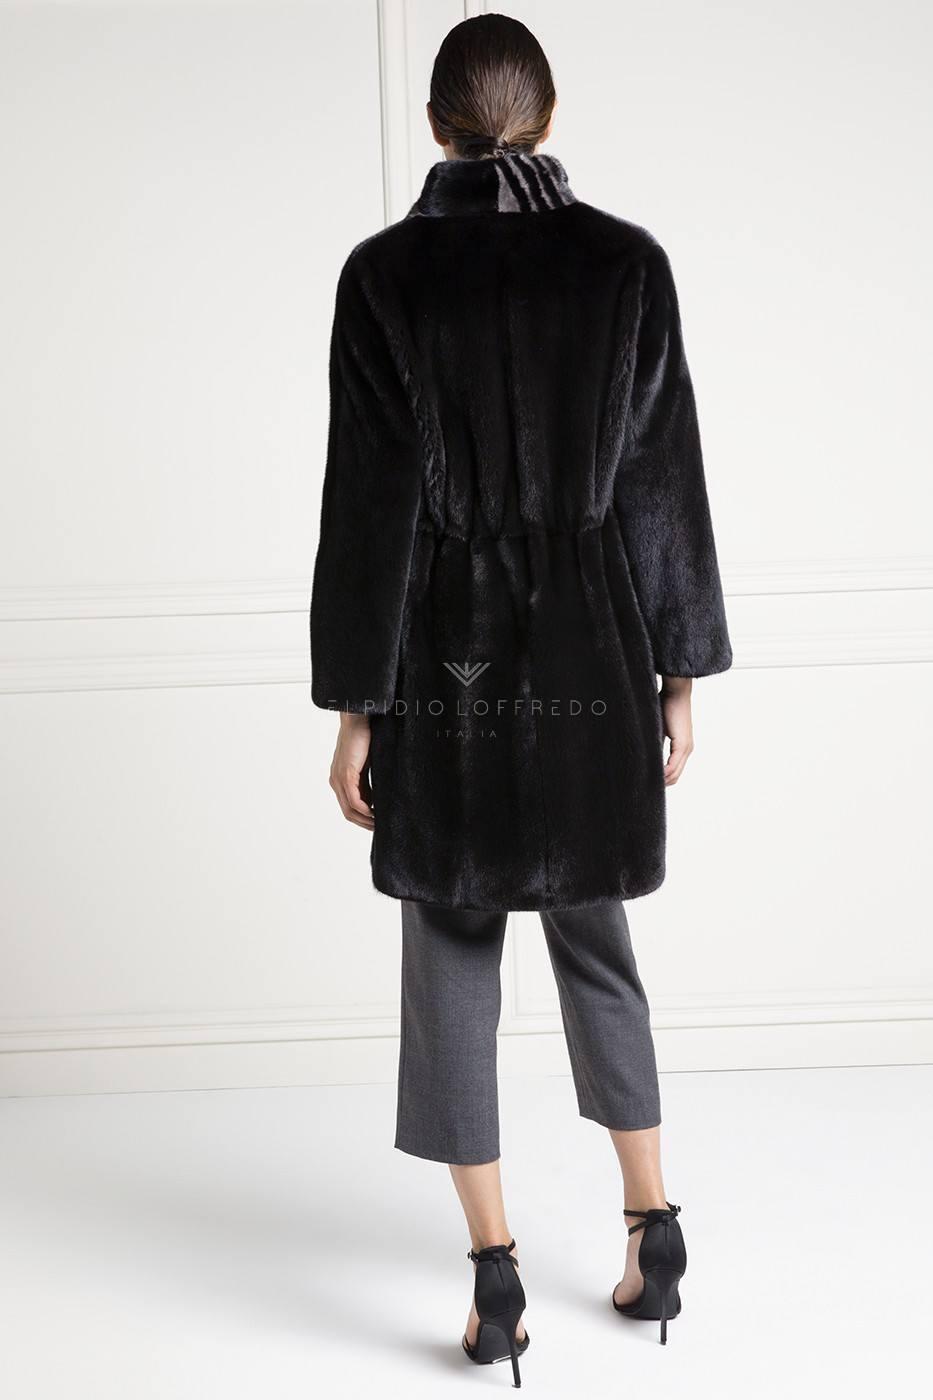 Cappotto di Visone Blackglama con Collo Sciallato - Lunghezza 90 cm